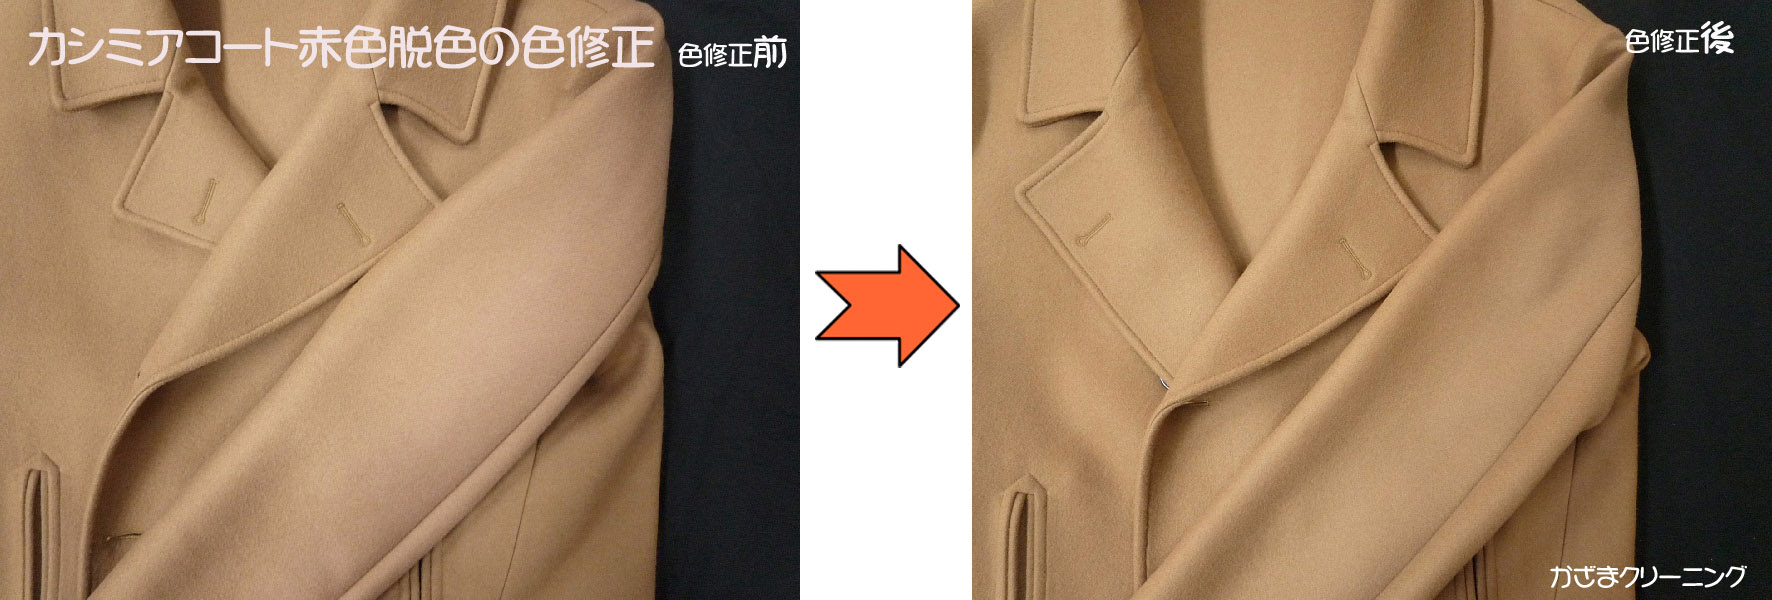 カシミアコート袖赤色脱色の色修正